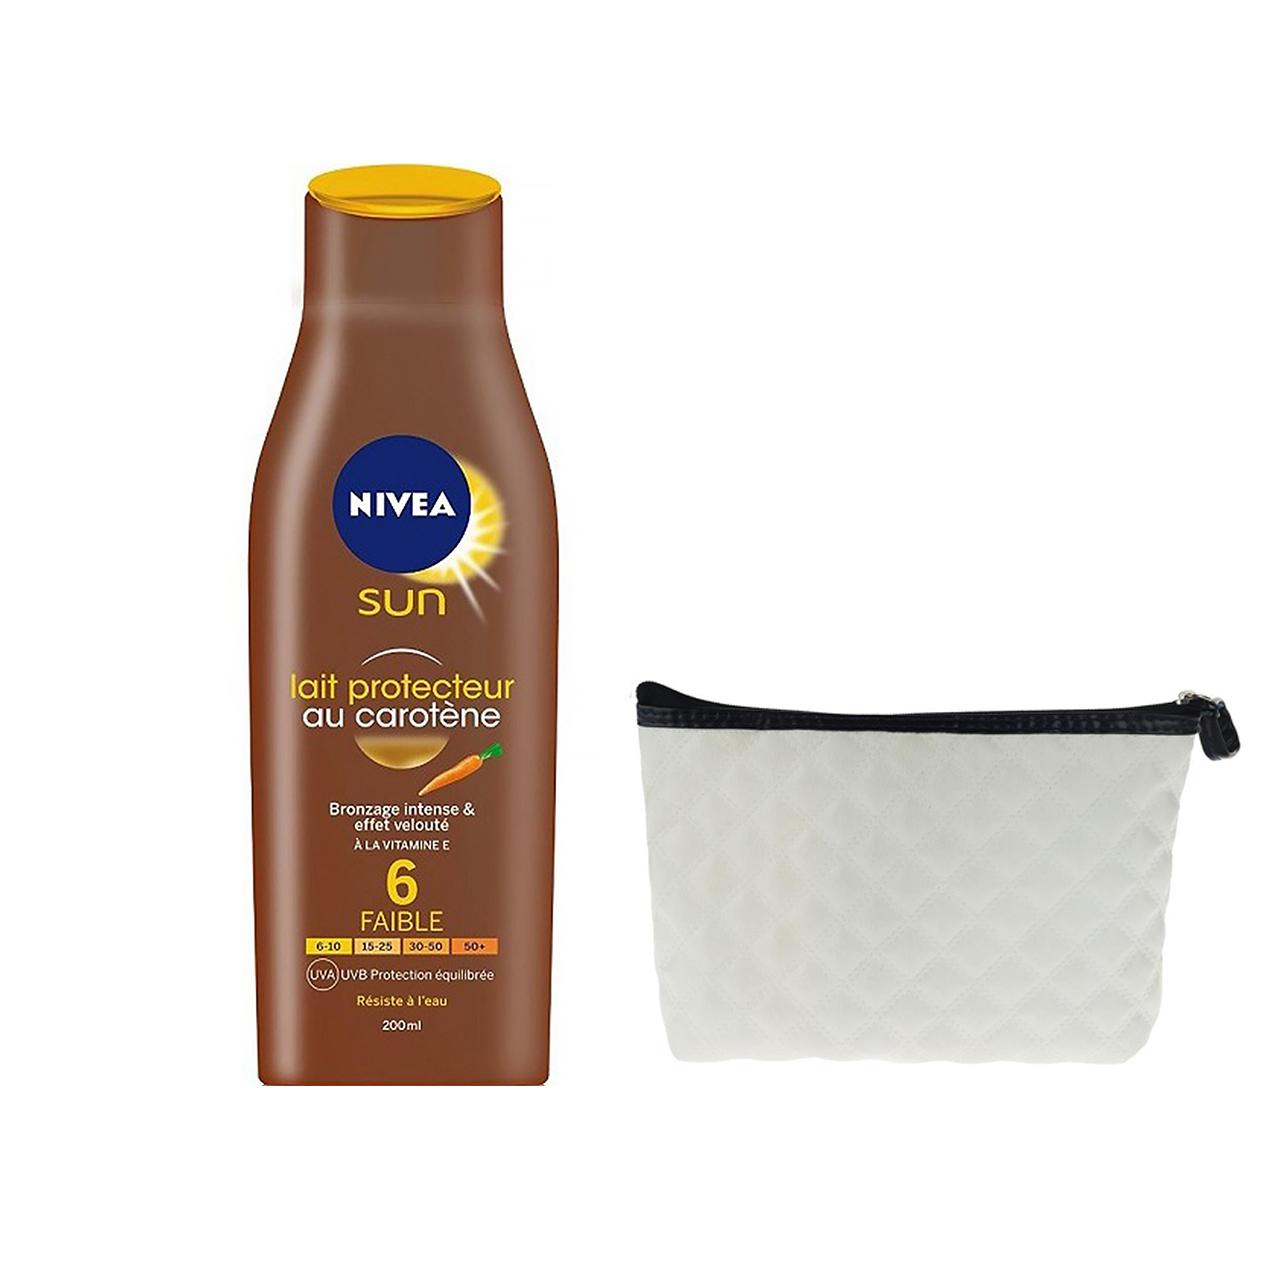 قیمت لوسیون آفتاب نیوآ مدل Sun Protector Milk Carotene Spf6 حجم 200 میلی لیتر به همراه کیف